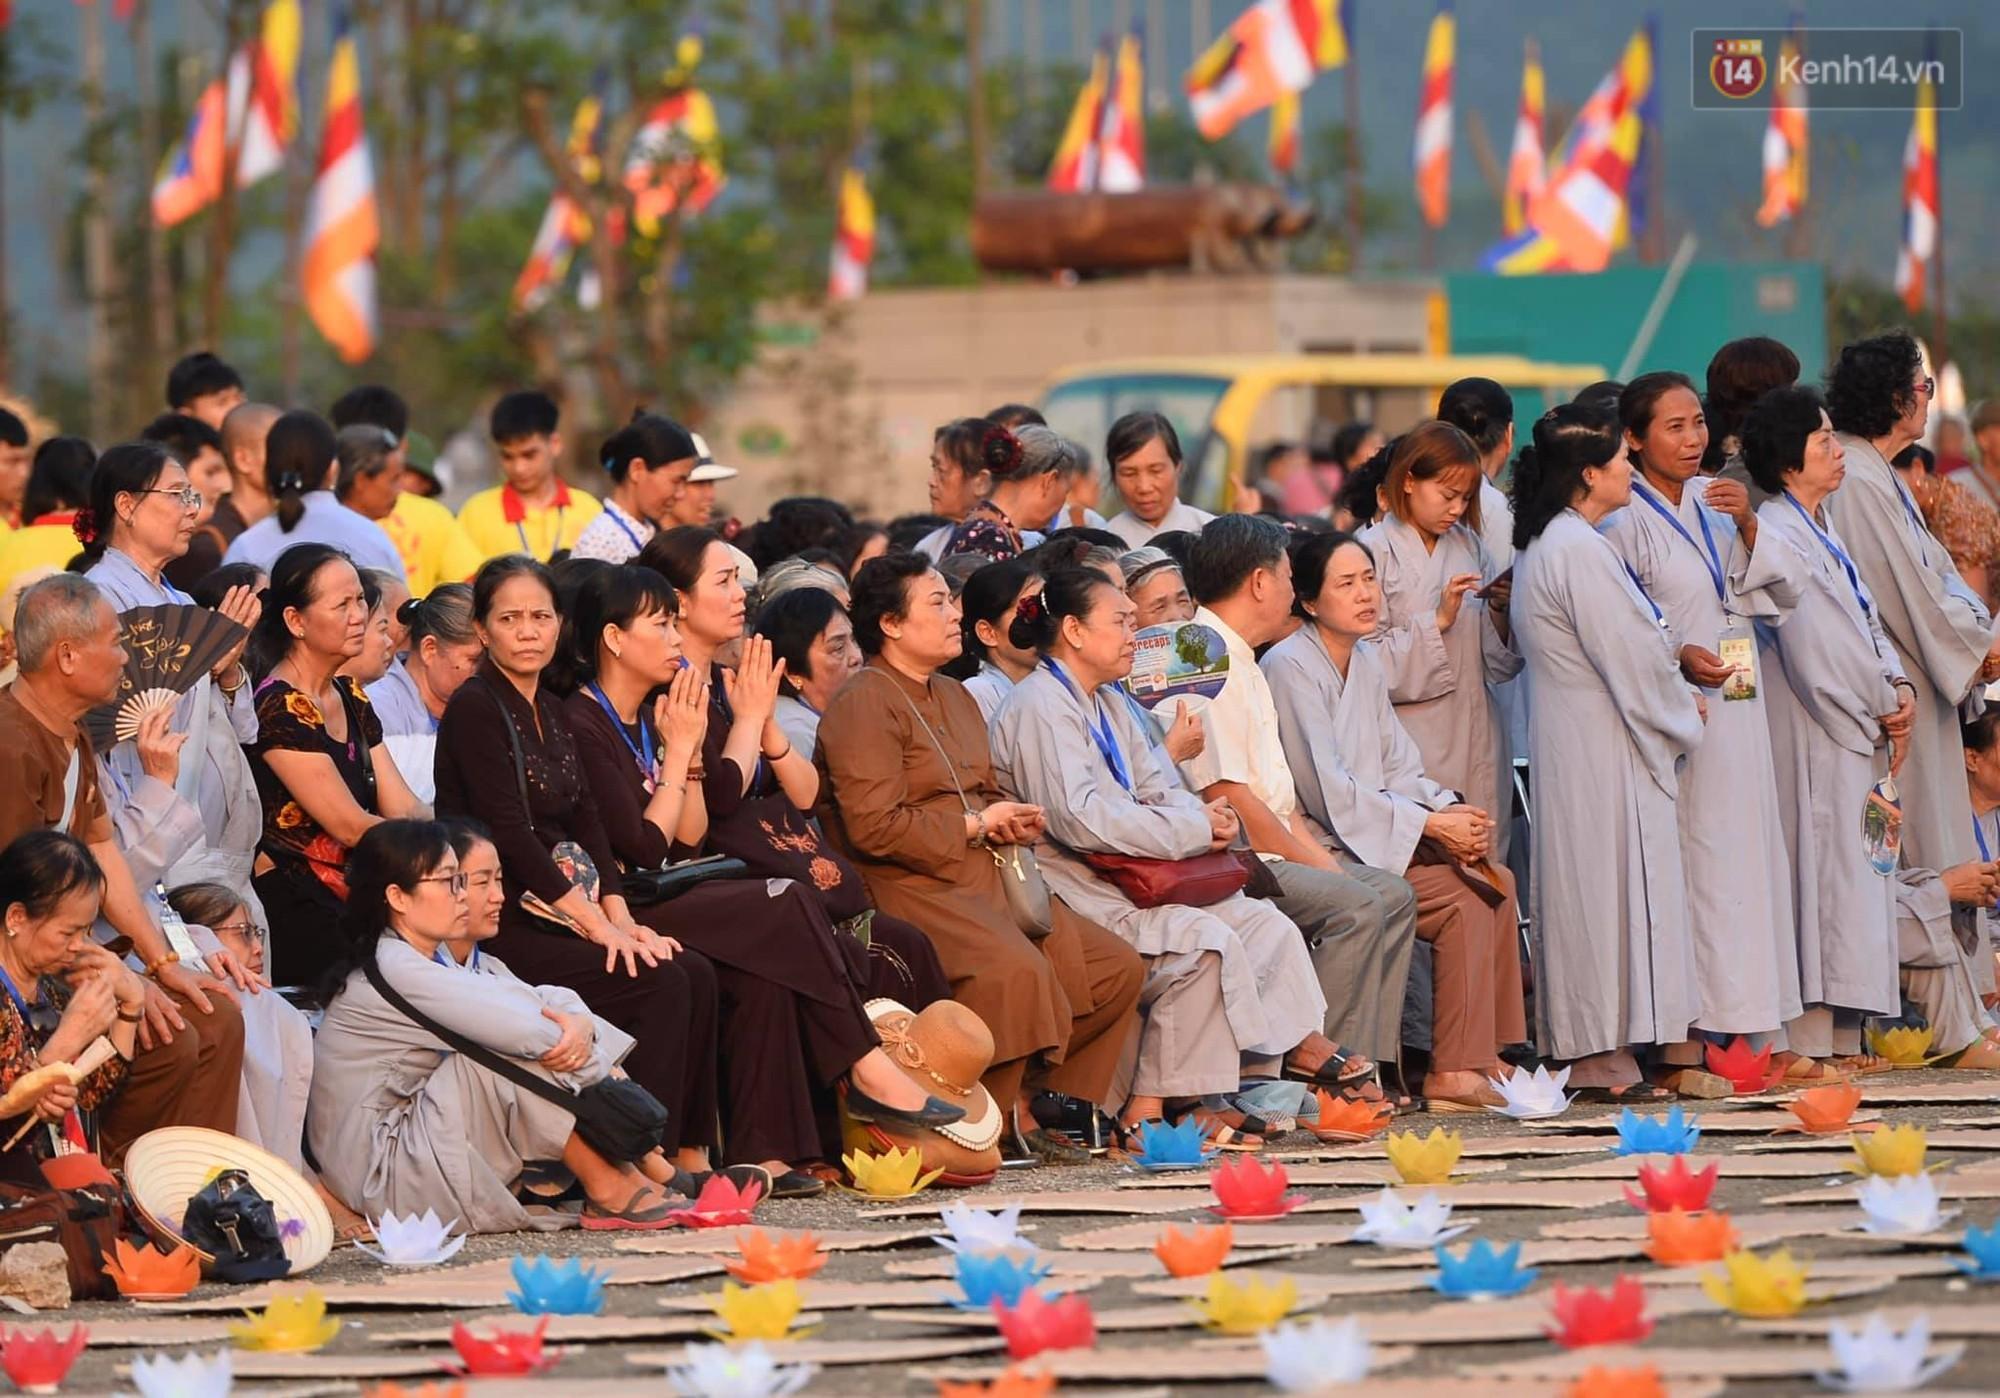 Hàng vạn người tham gia buổi lễ cầu nguyện hoà bình và hoa đăng tại chùa Tam Chúc - Ảnh 3.